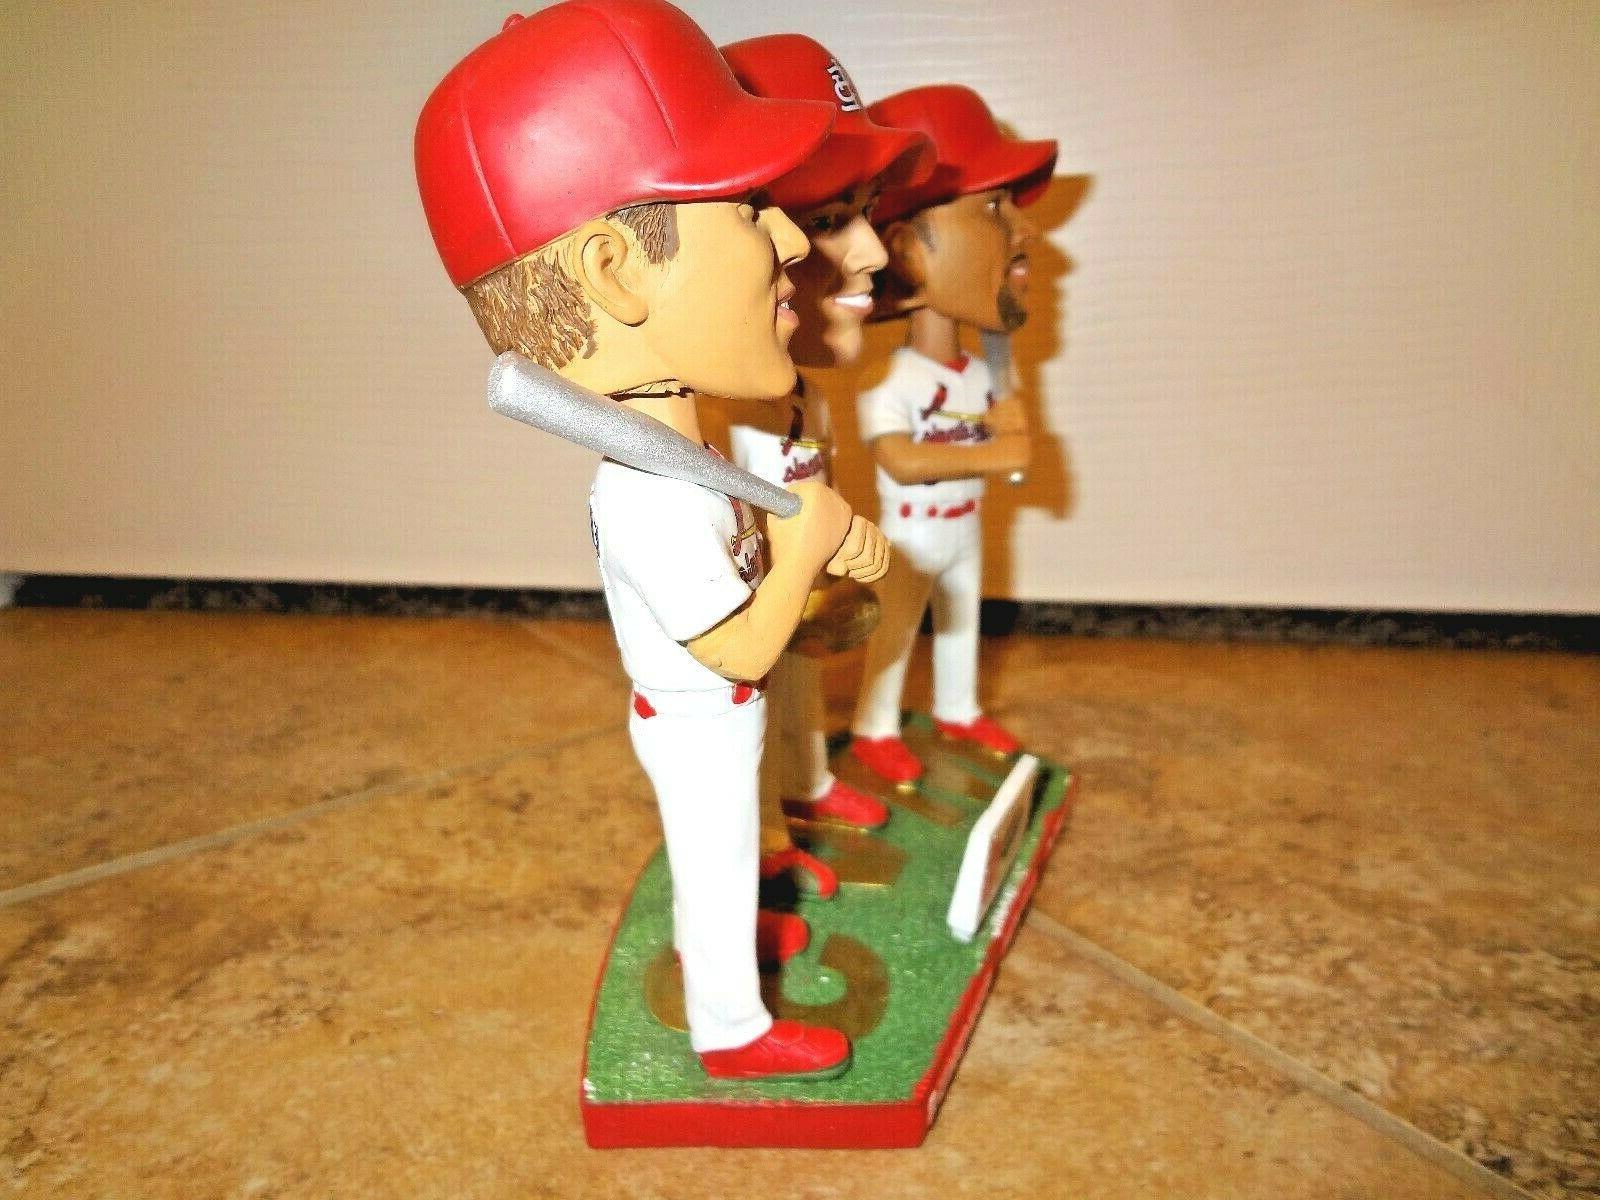 St Cardinals Triple Bobblehead Edmonds Rolen 7-28-19